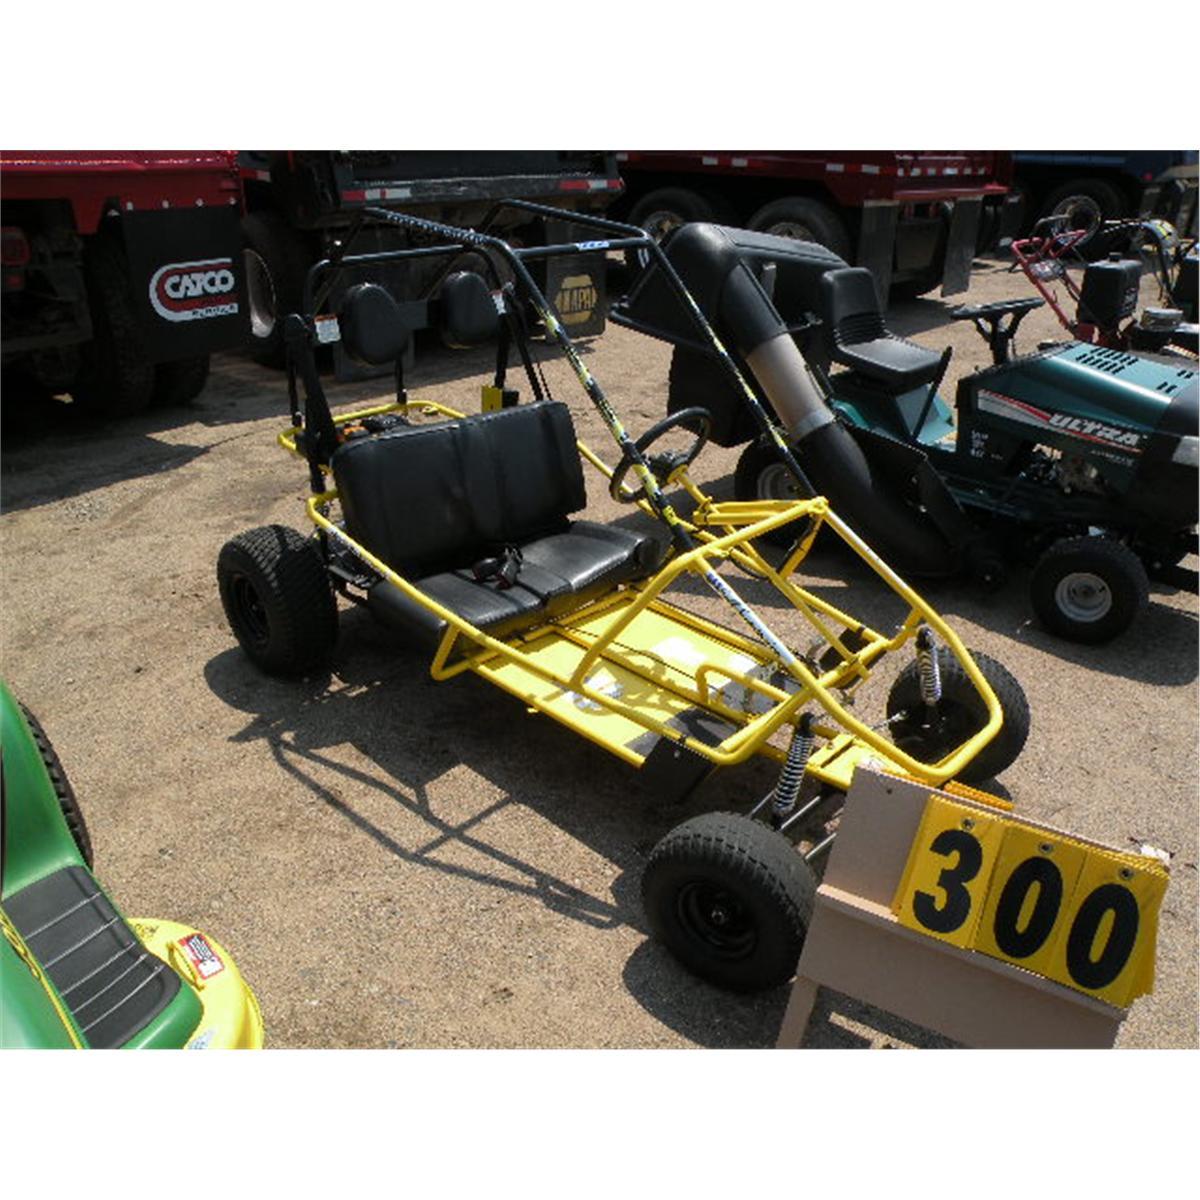 Manco Scorpion Go Cart on